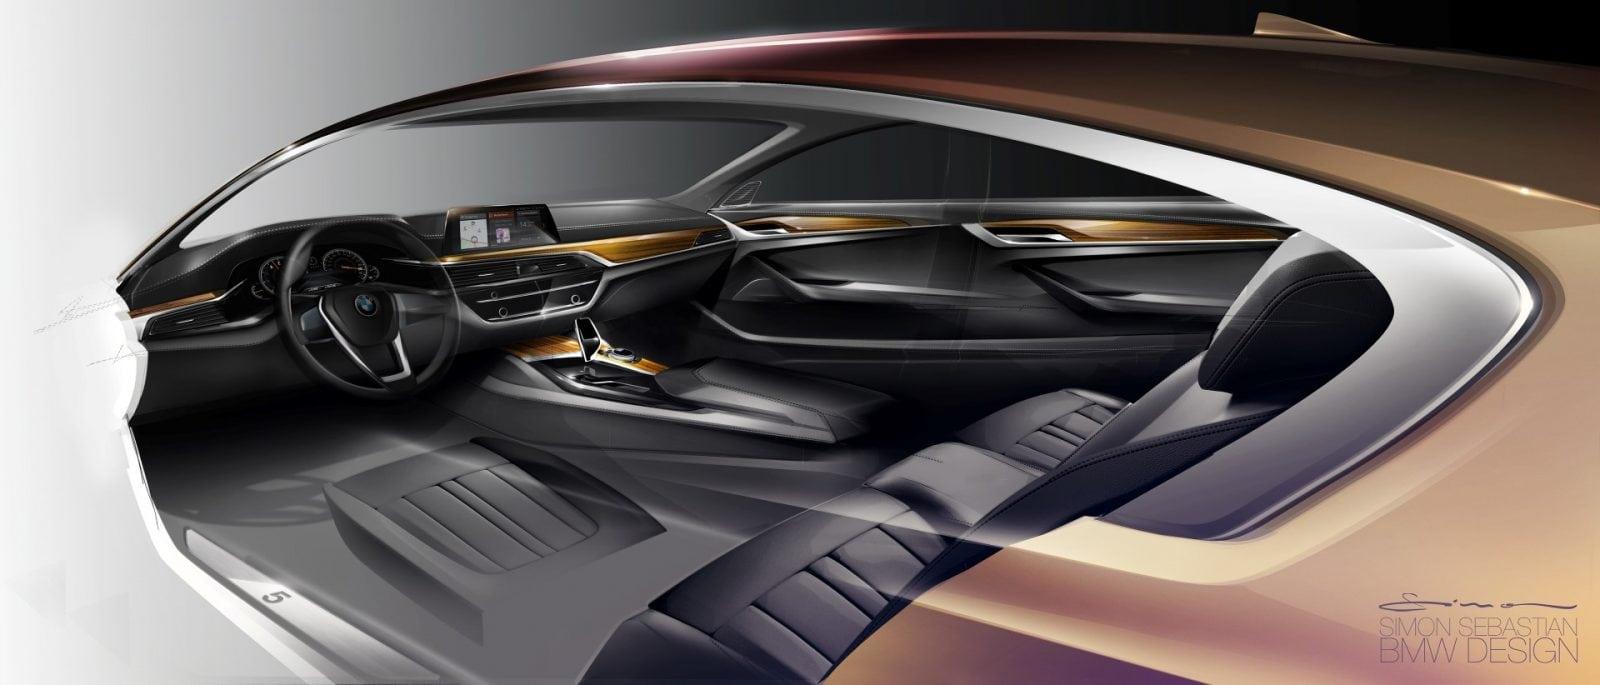 BMW 5 Series G30 2017 Design Sketches